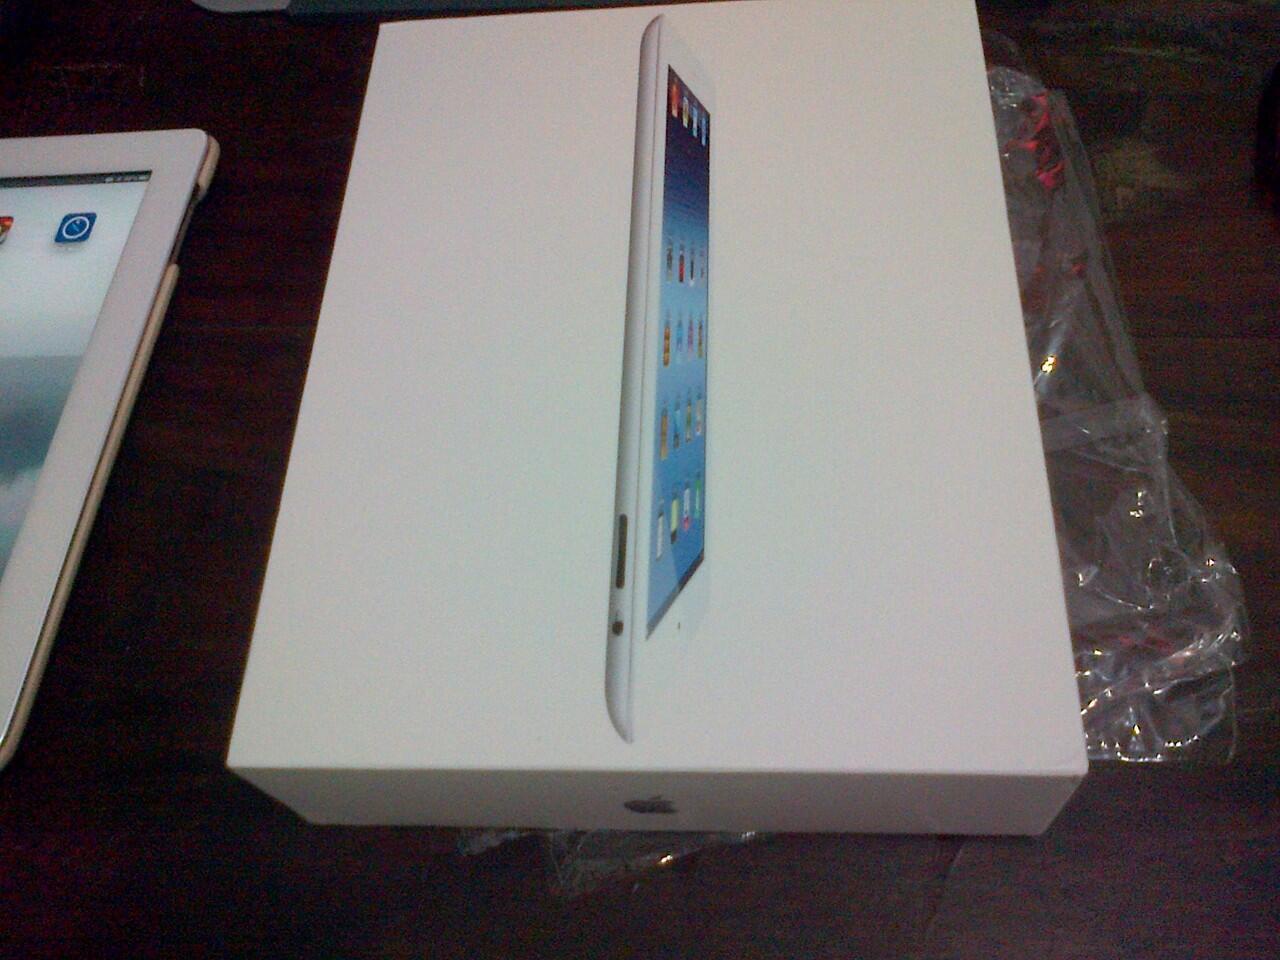 WTS New iPad / iPad 3 White 16 GB